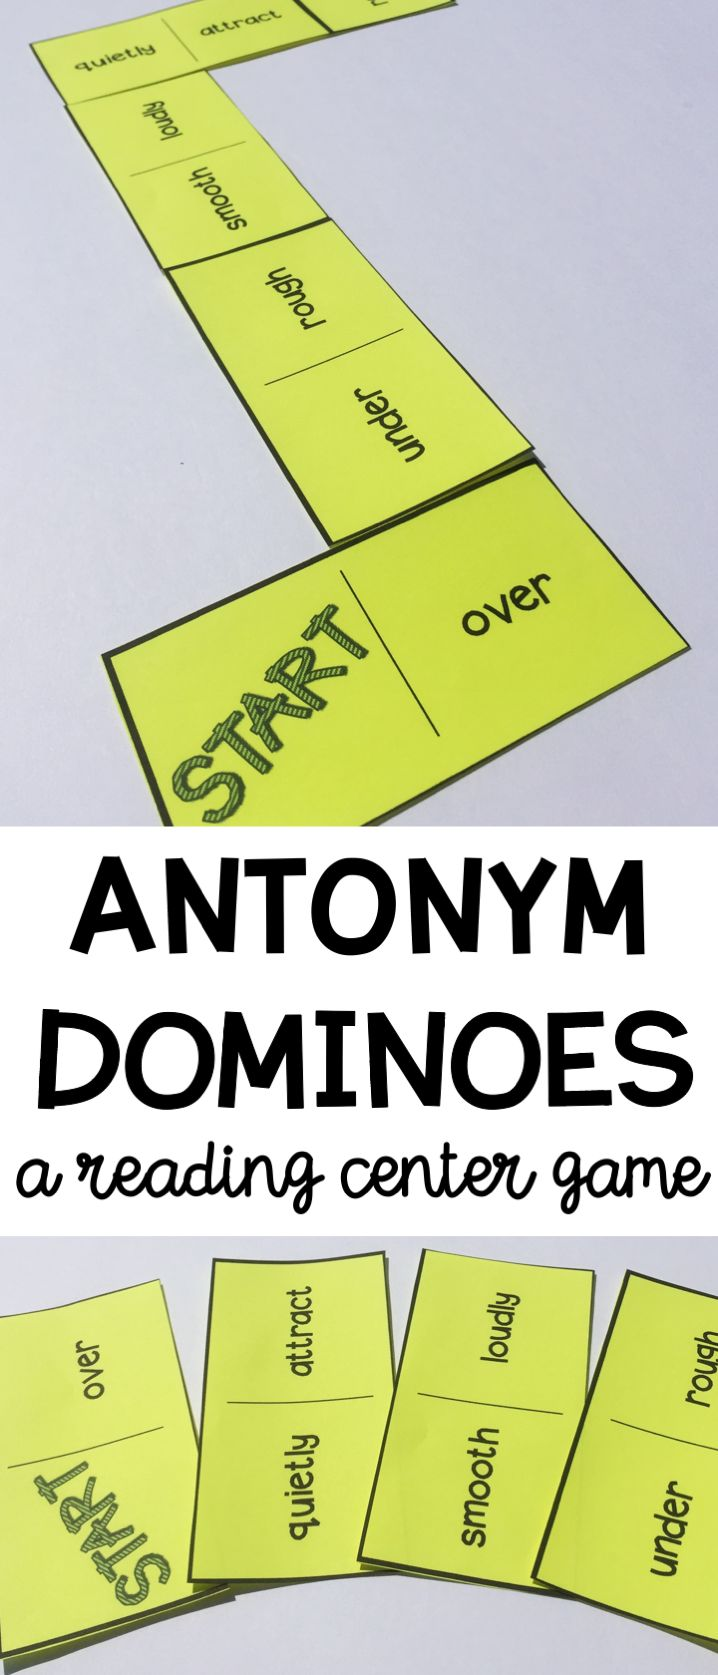 Antonym Dominoes